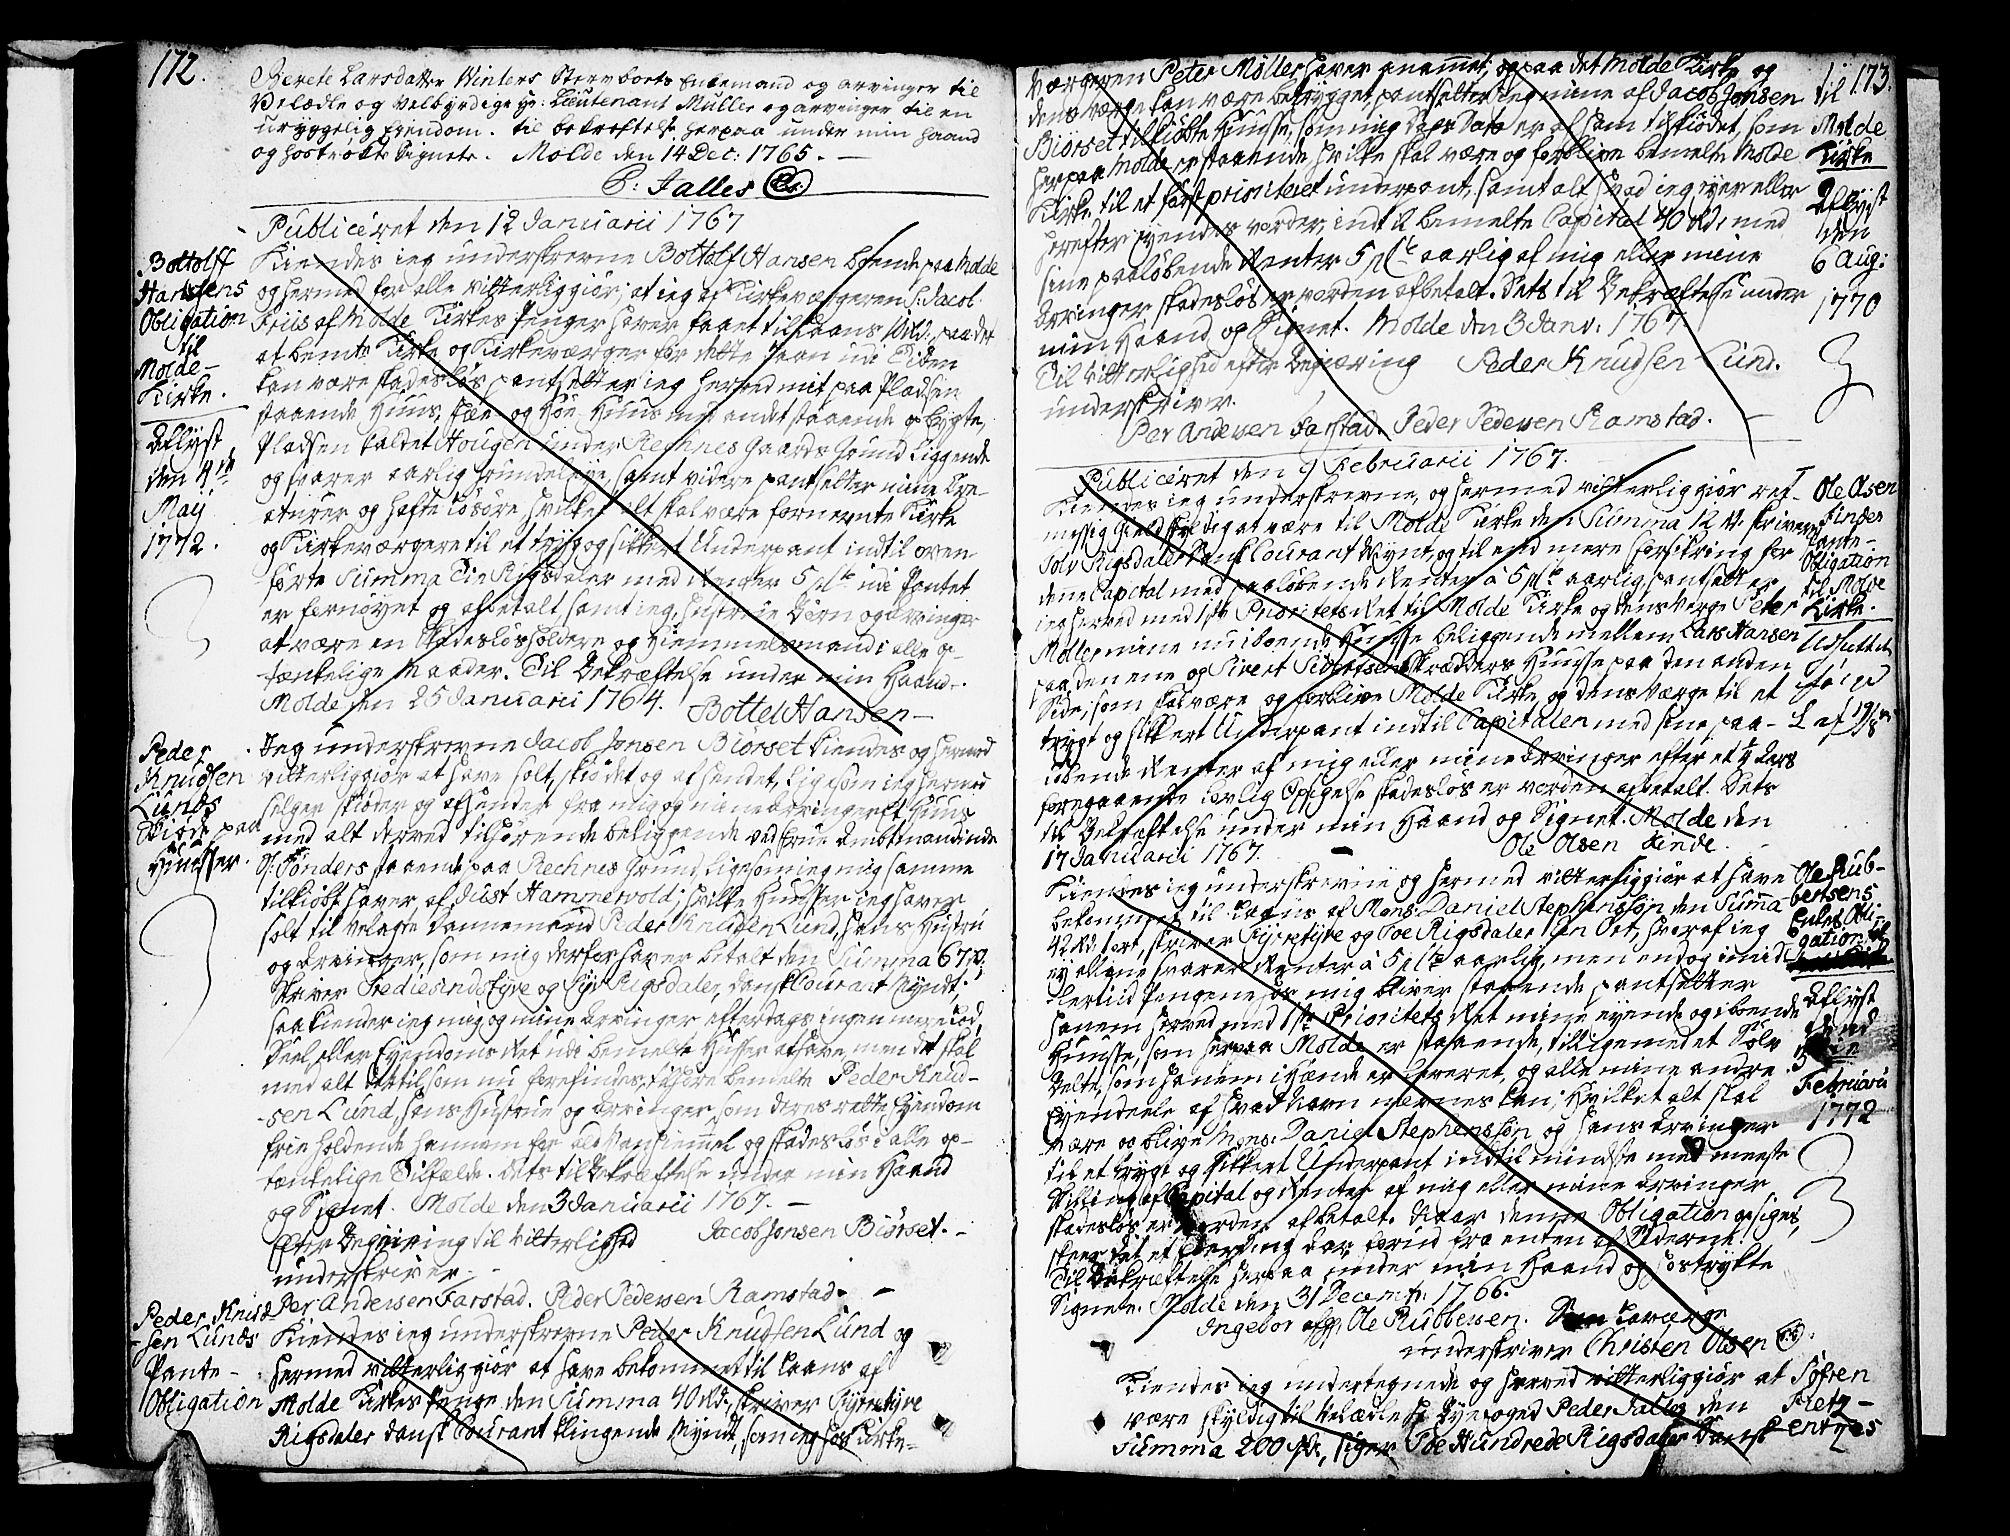 SAT, Molde byfogd, 2/2C/L0001: Pantebok nr. 1, 1748-1823, s. 172-173